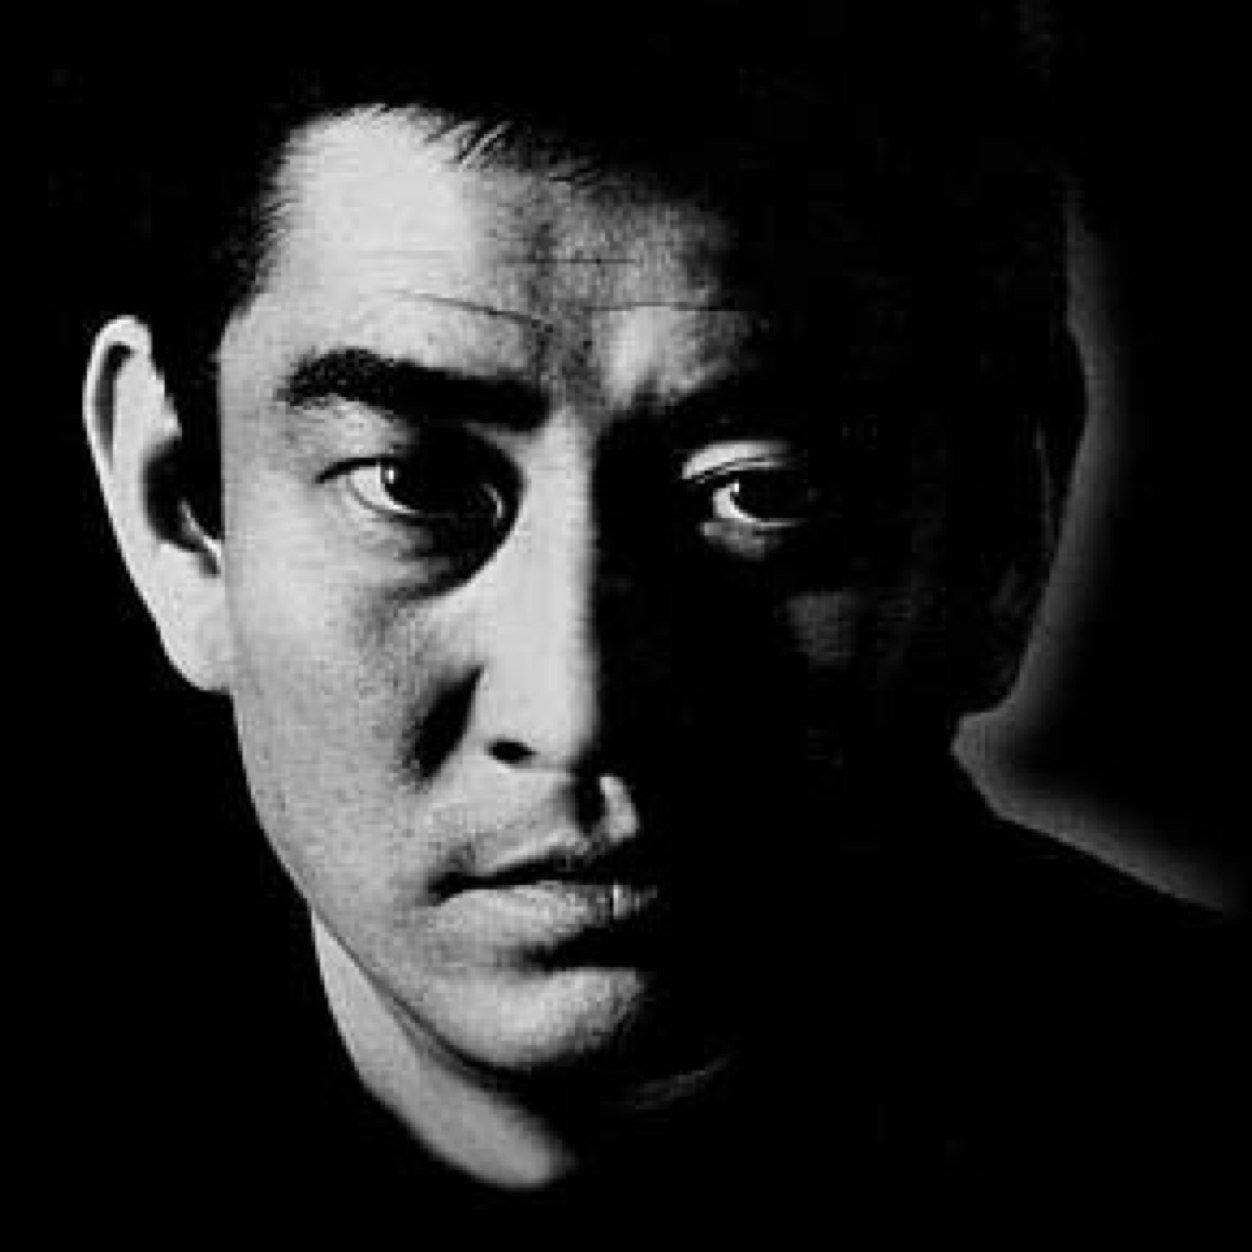 日本映画界の大スター、高倉健さんが残したびっくり!な伝説のサムネイル画像